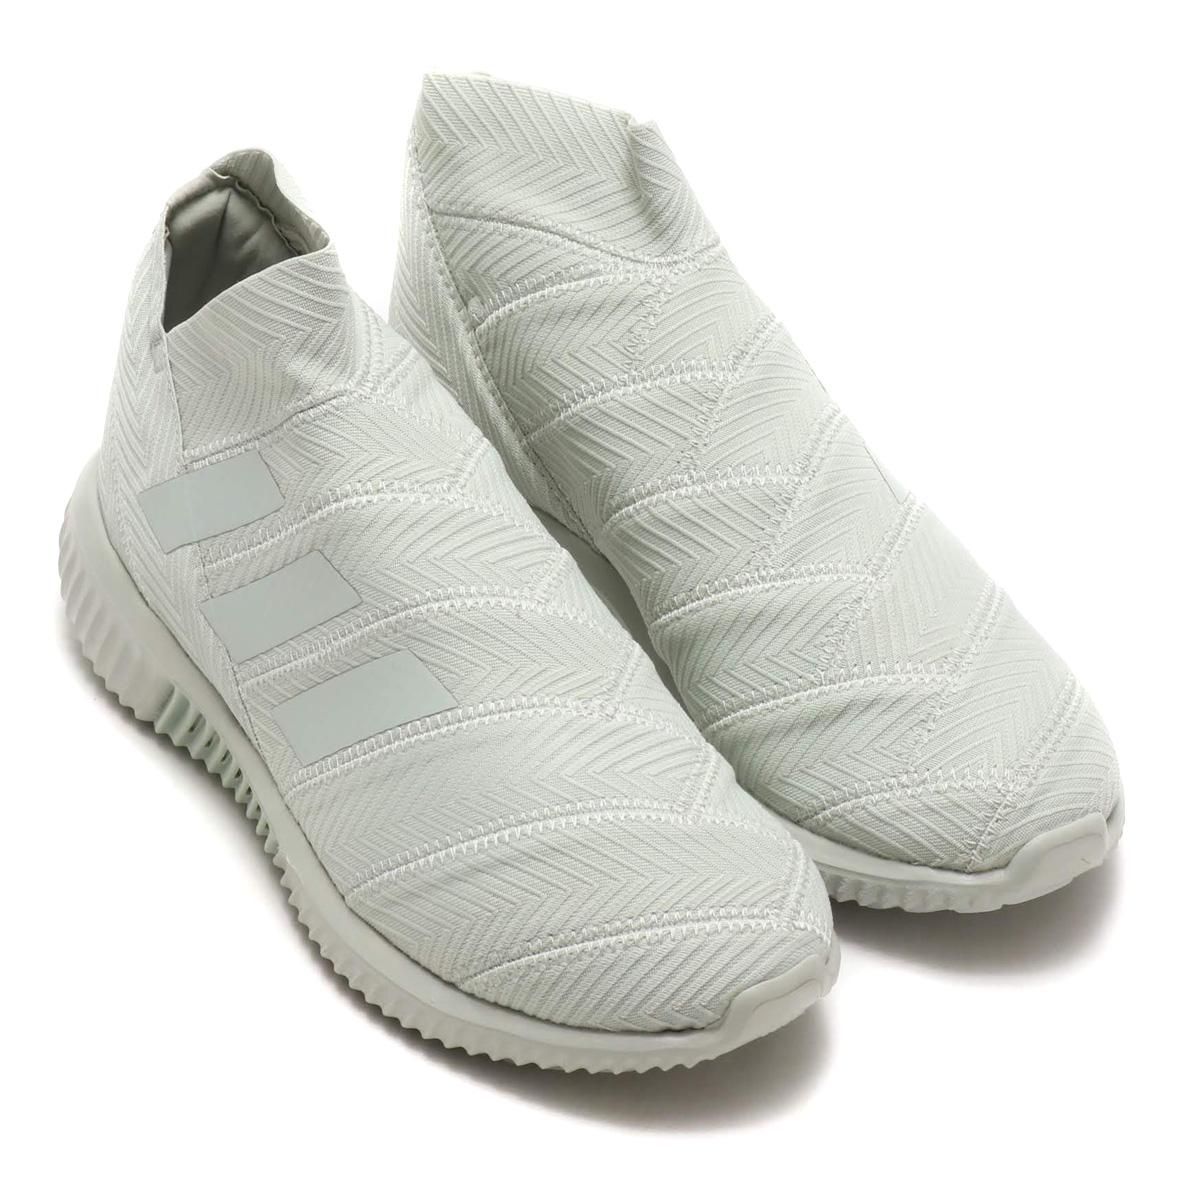 discount sale available the latest adidas NEMEZIZ TANGO 18.1 TR (Adidas Nemesis tango) ASH SILVER/ASH  SILVER/WHITE TINT 18FW-I